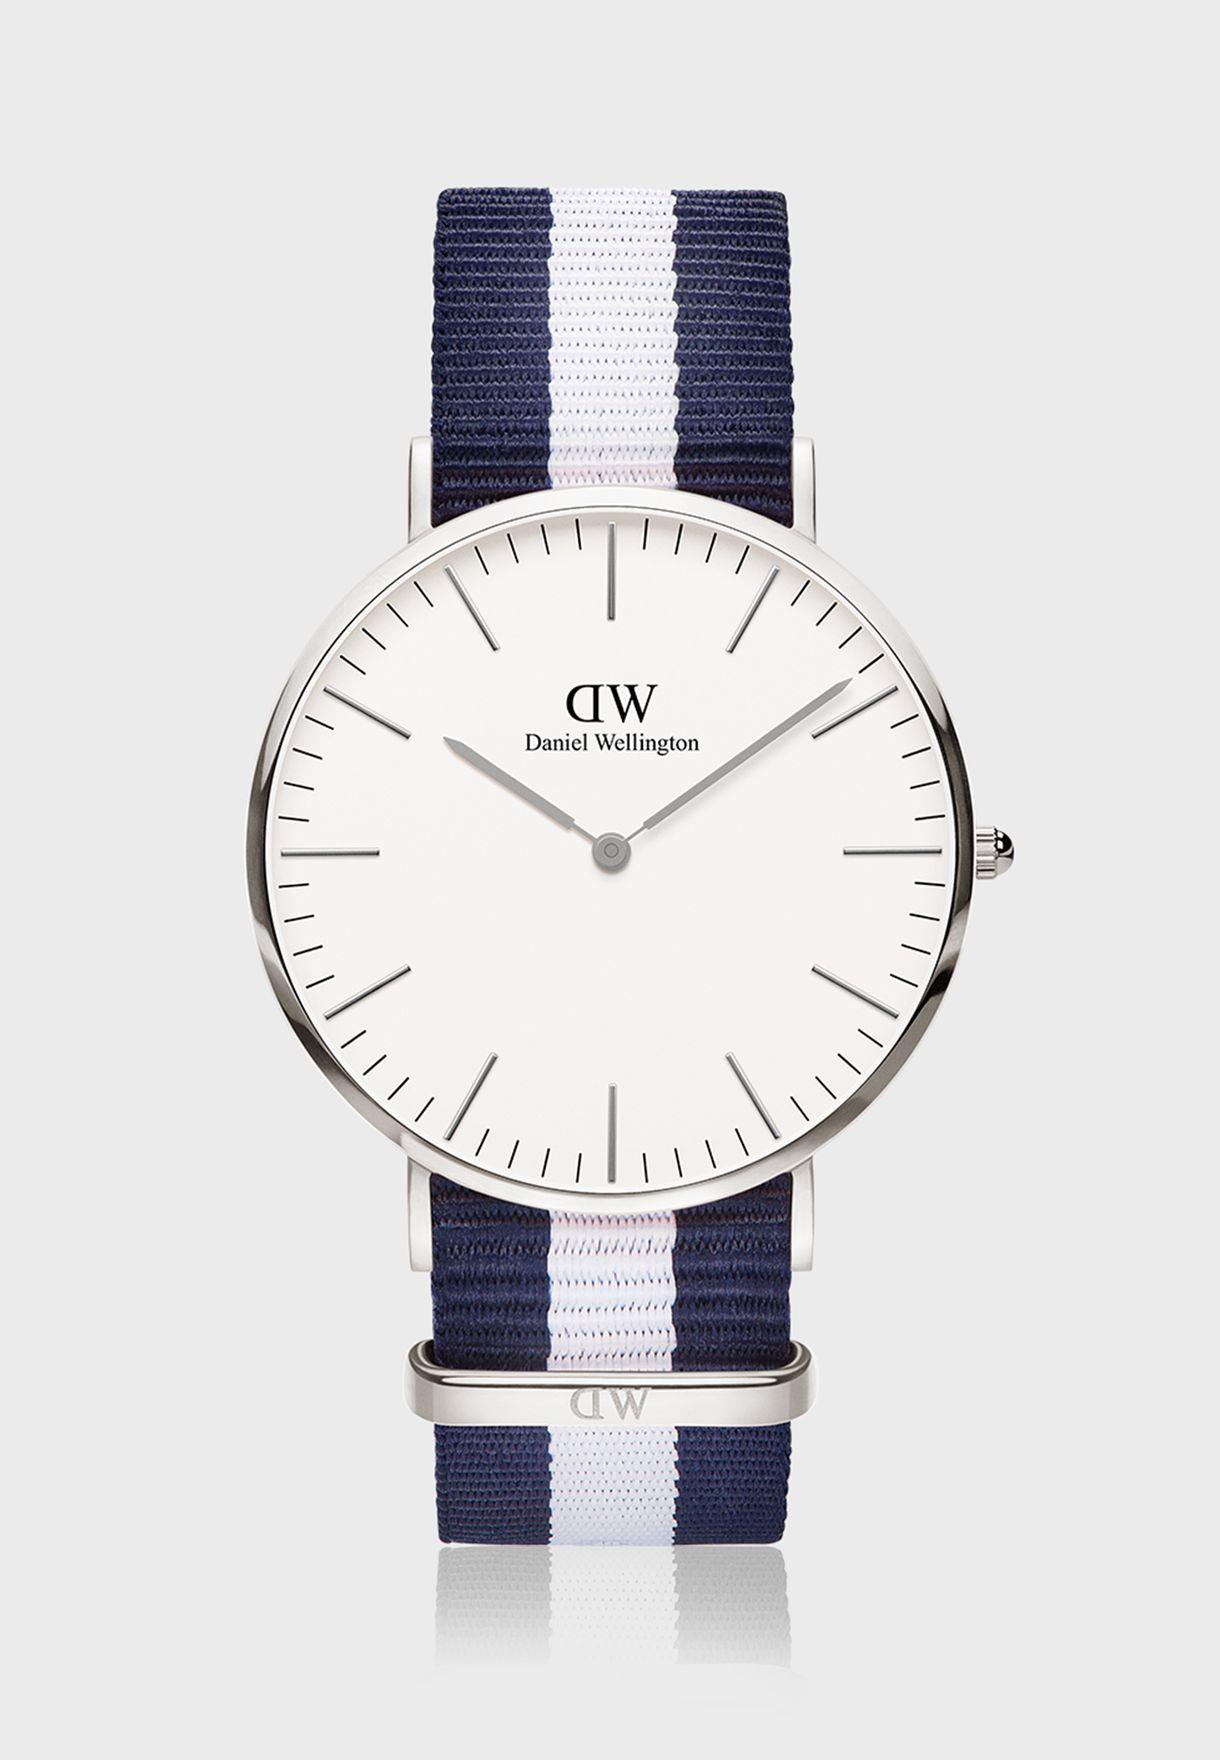 ساعة كلاسكو اس وايت الكلاسيكية 40 مم